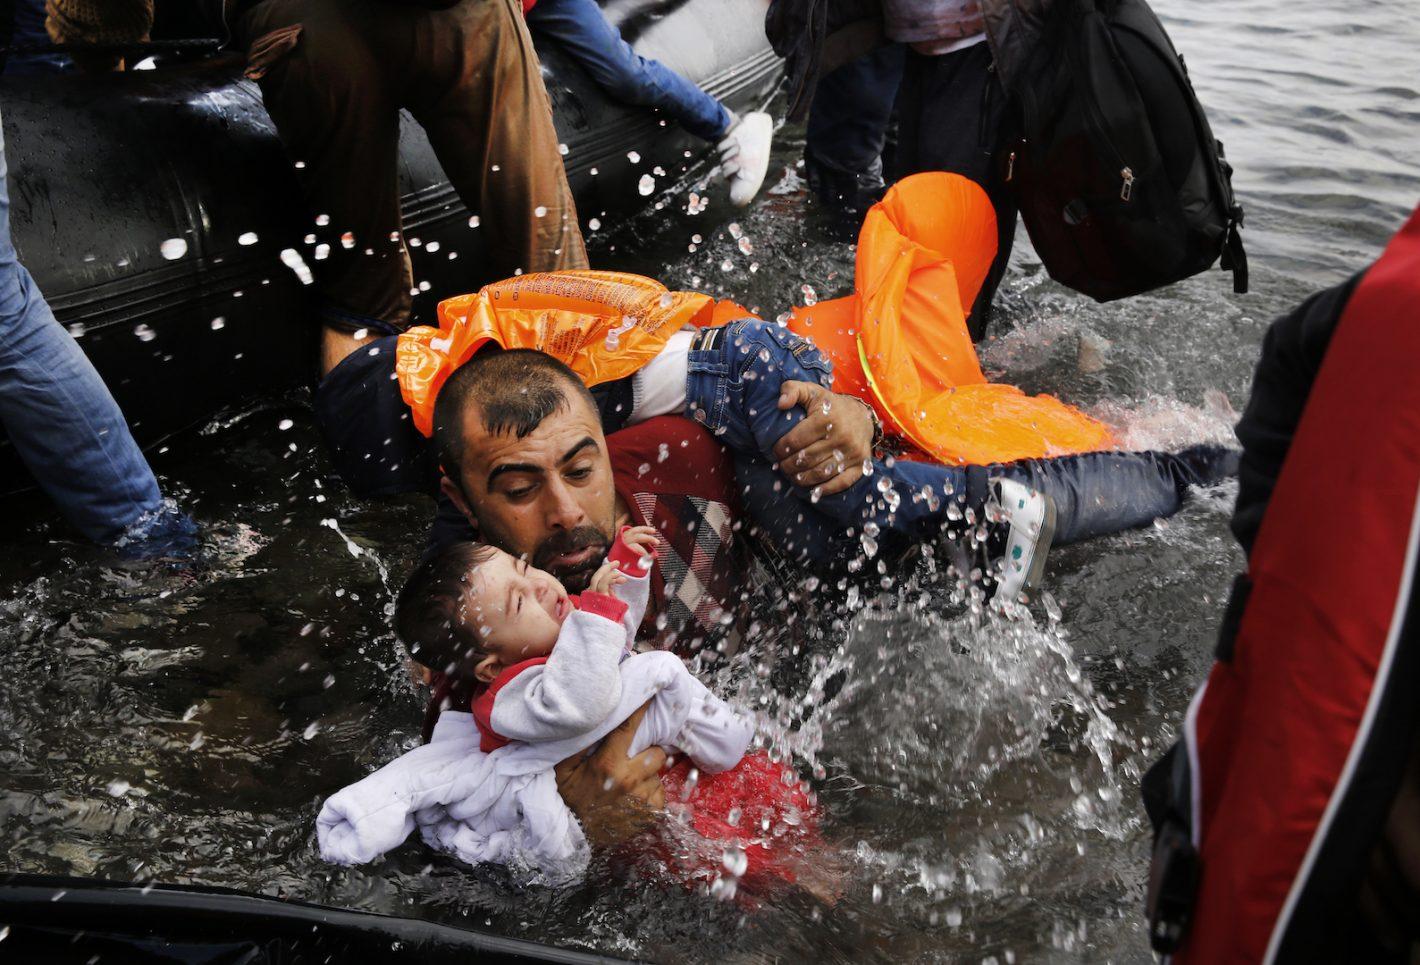 Un réfugié syrien soutient ses deux enfants et lutte pour débarquer d'un canot sur la côte Nord de l'île grecque de Lesbos, après avoir traversé la Mer Egée depuis la Turquie. Plus de 850 000 migrants et réfugiés sont arrivés dans les îles grecques en 2015. 24 septembre 2015 - REUTERS/Yannis Behrakis